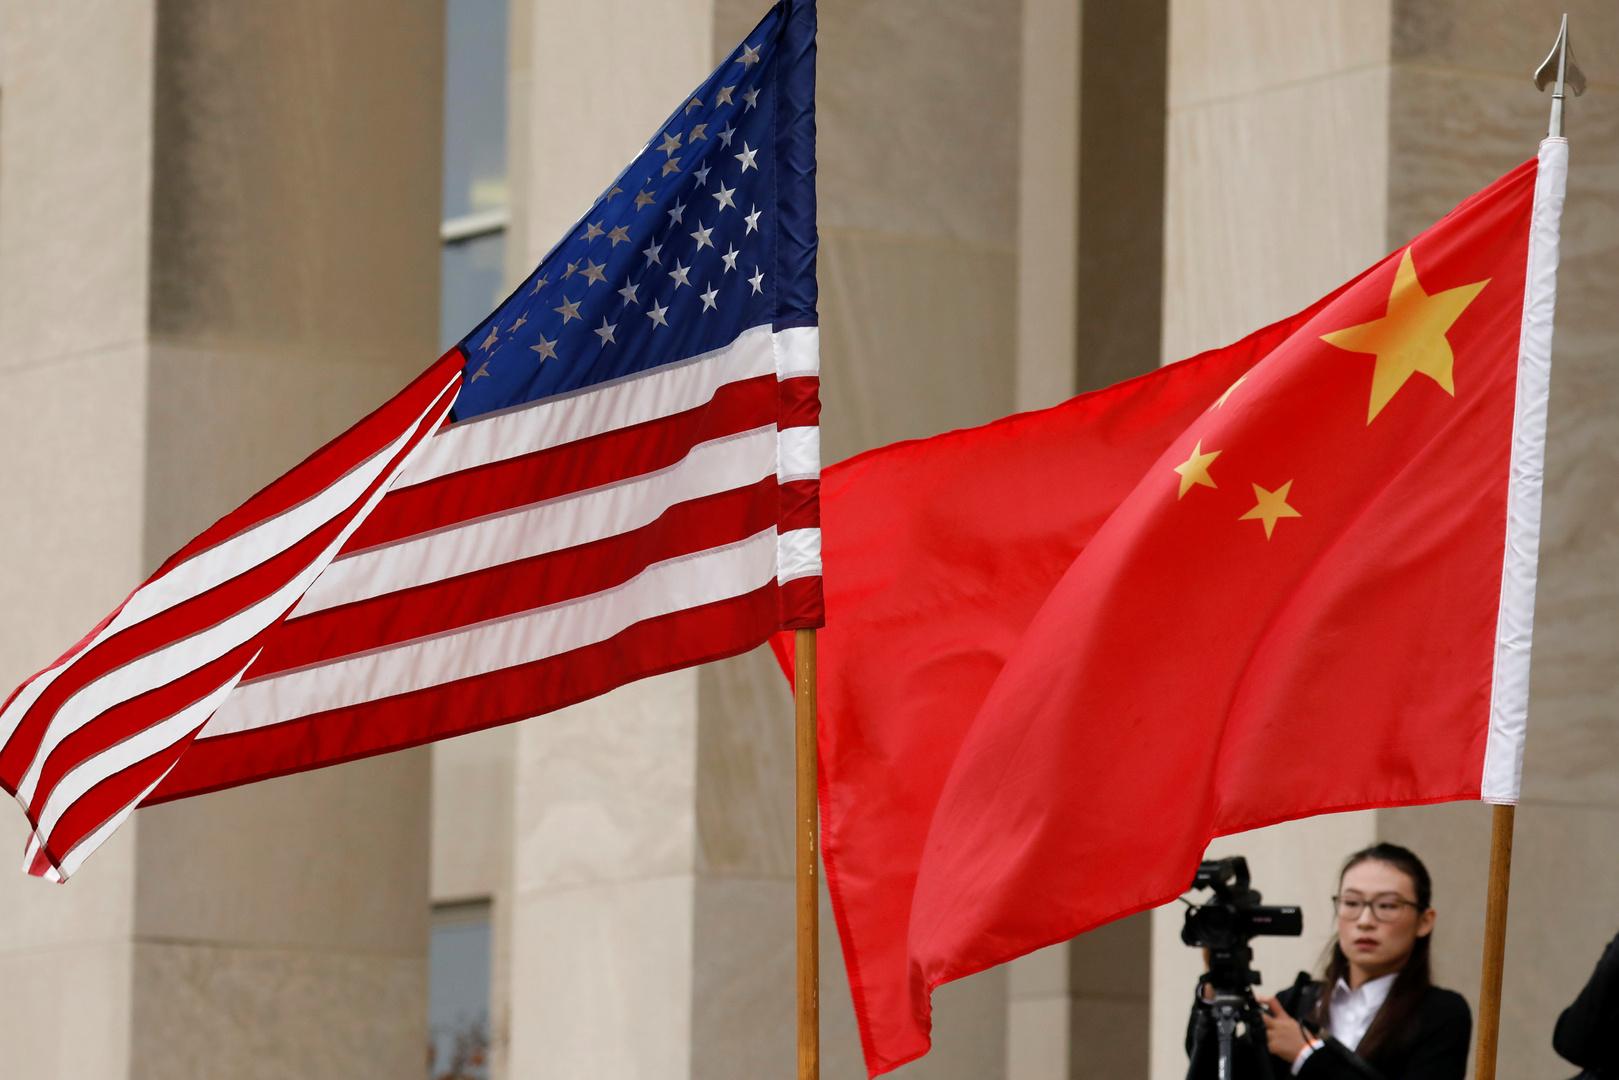 الولايات المتحدة تدين الصين لارتكابها انتهاكات بحق الإيغور والتبت